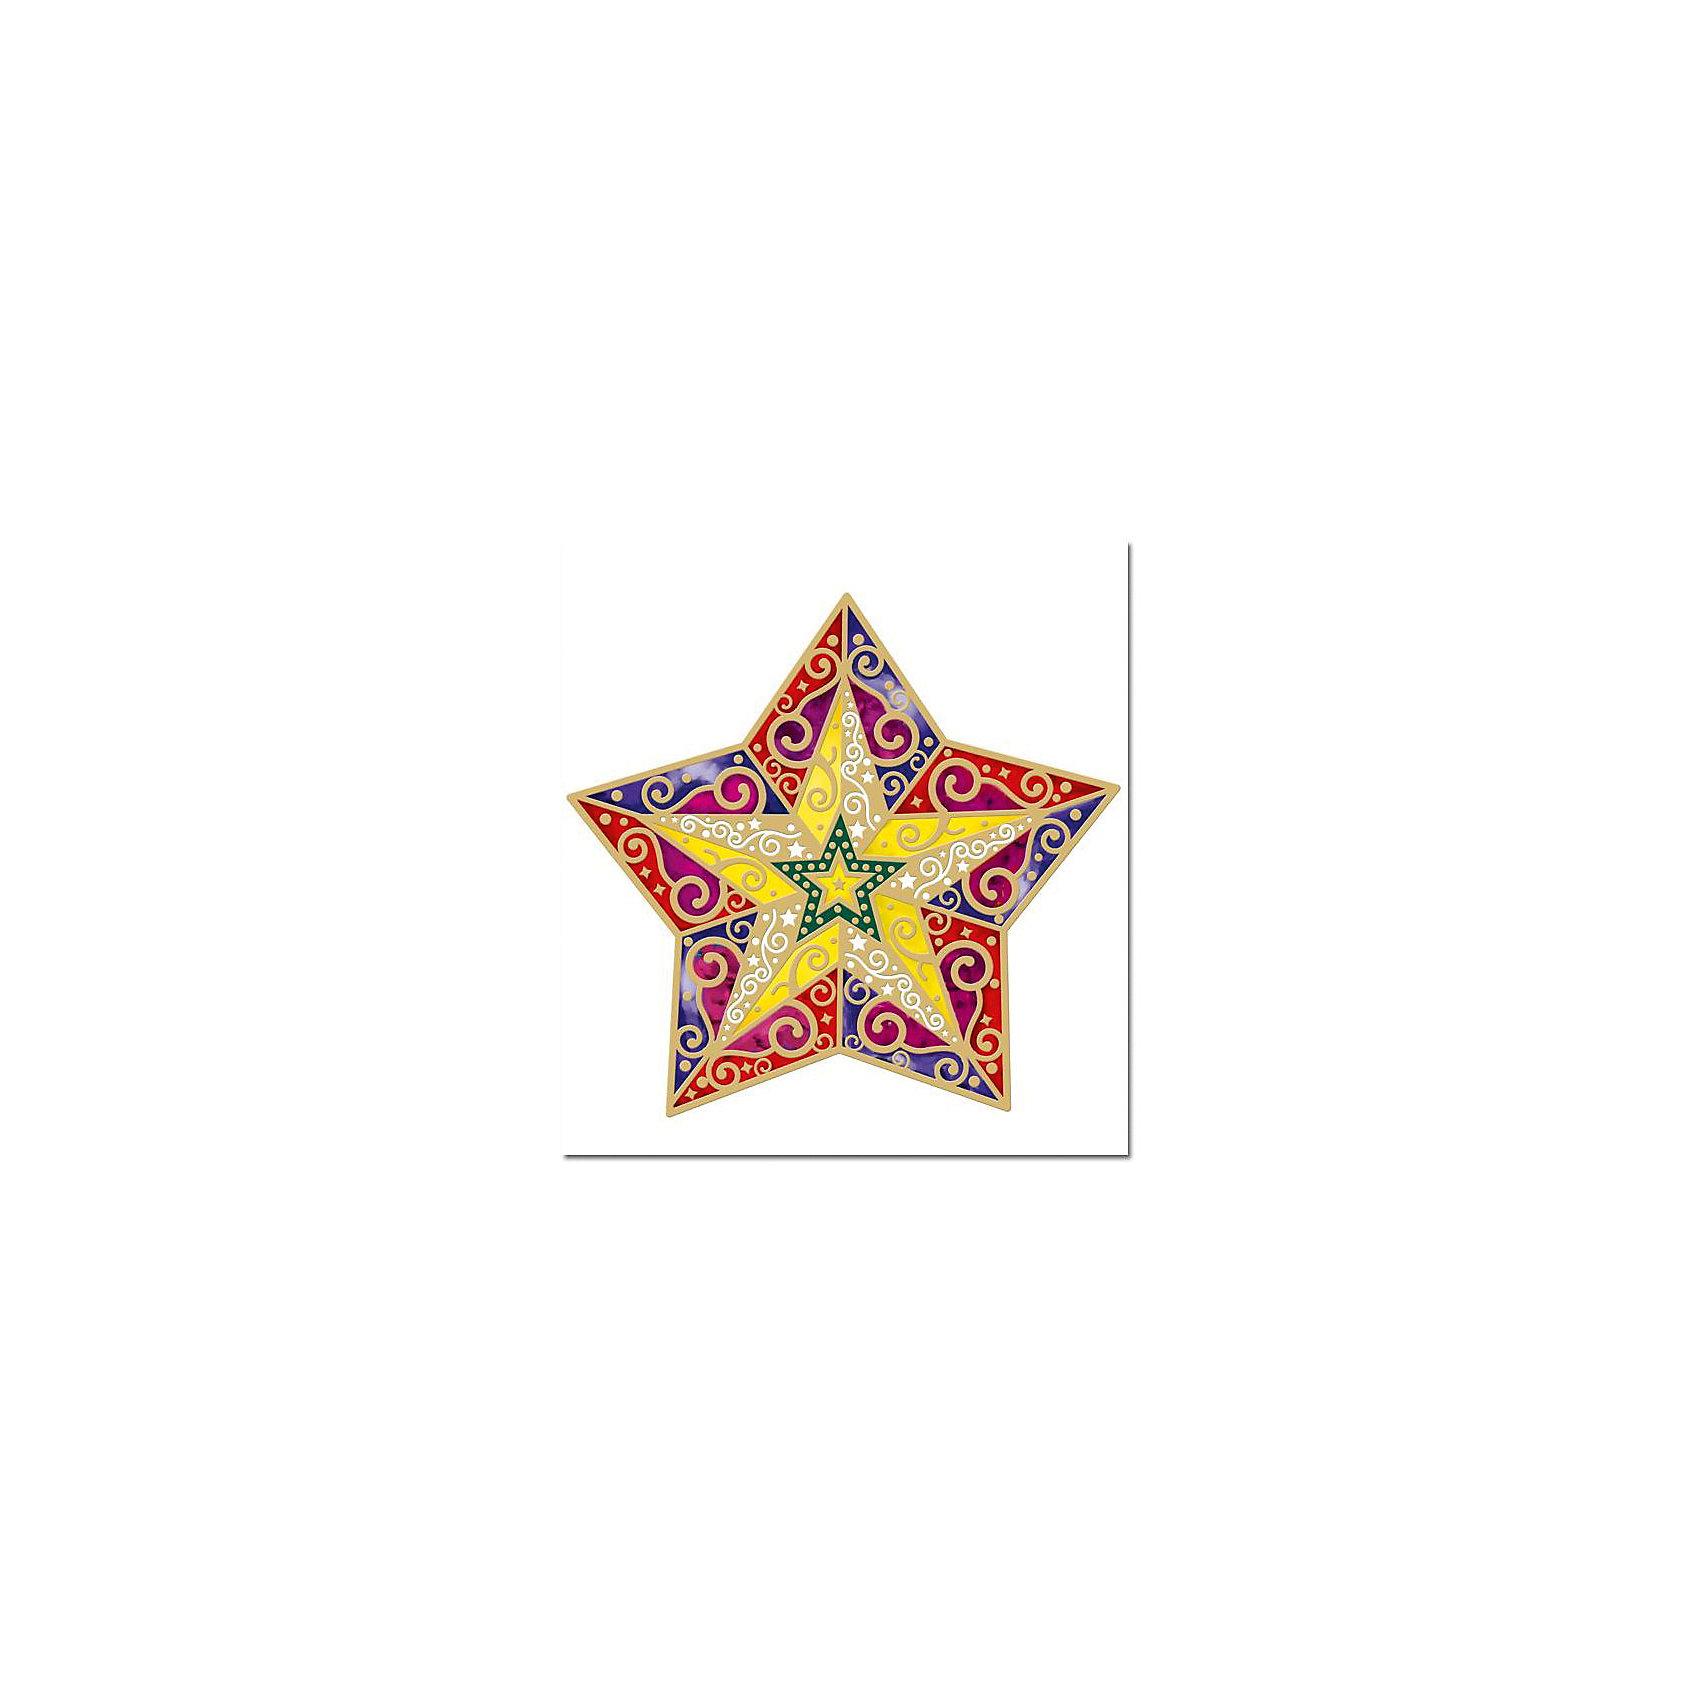 Феникс-Презент Новогоднее оконное украшение Звезда 29,4*31,7